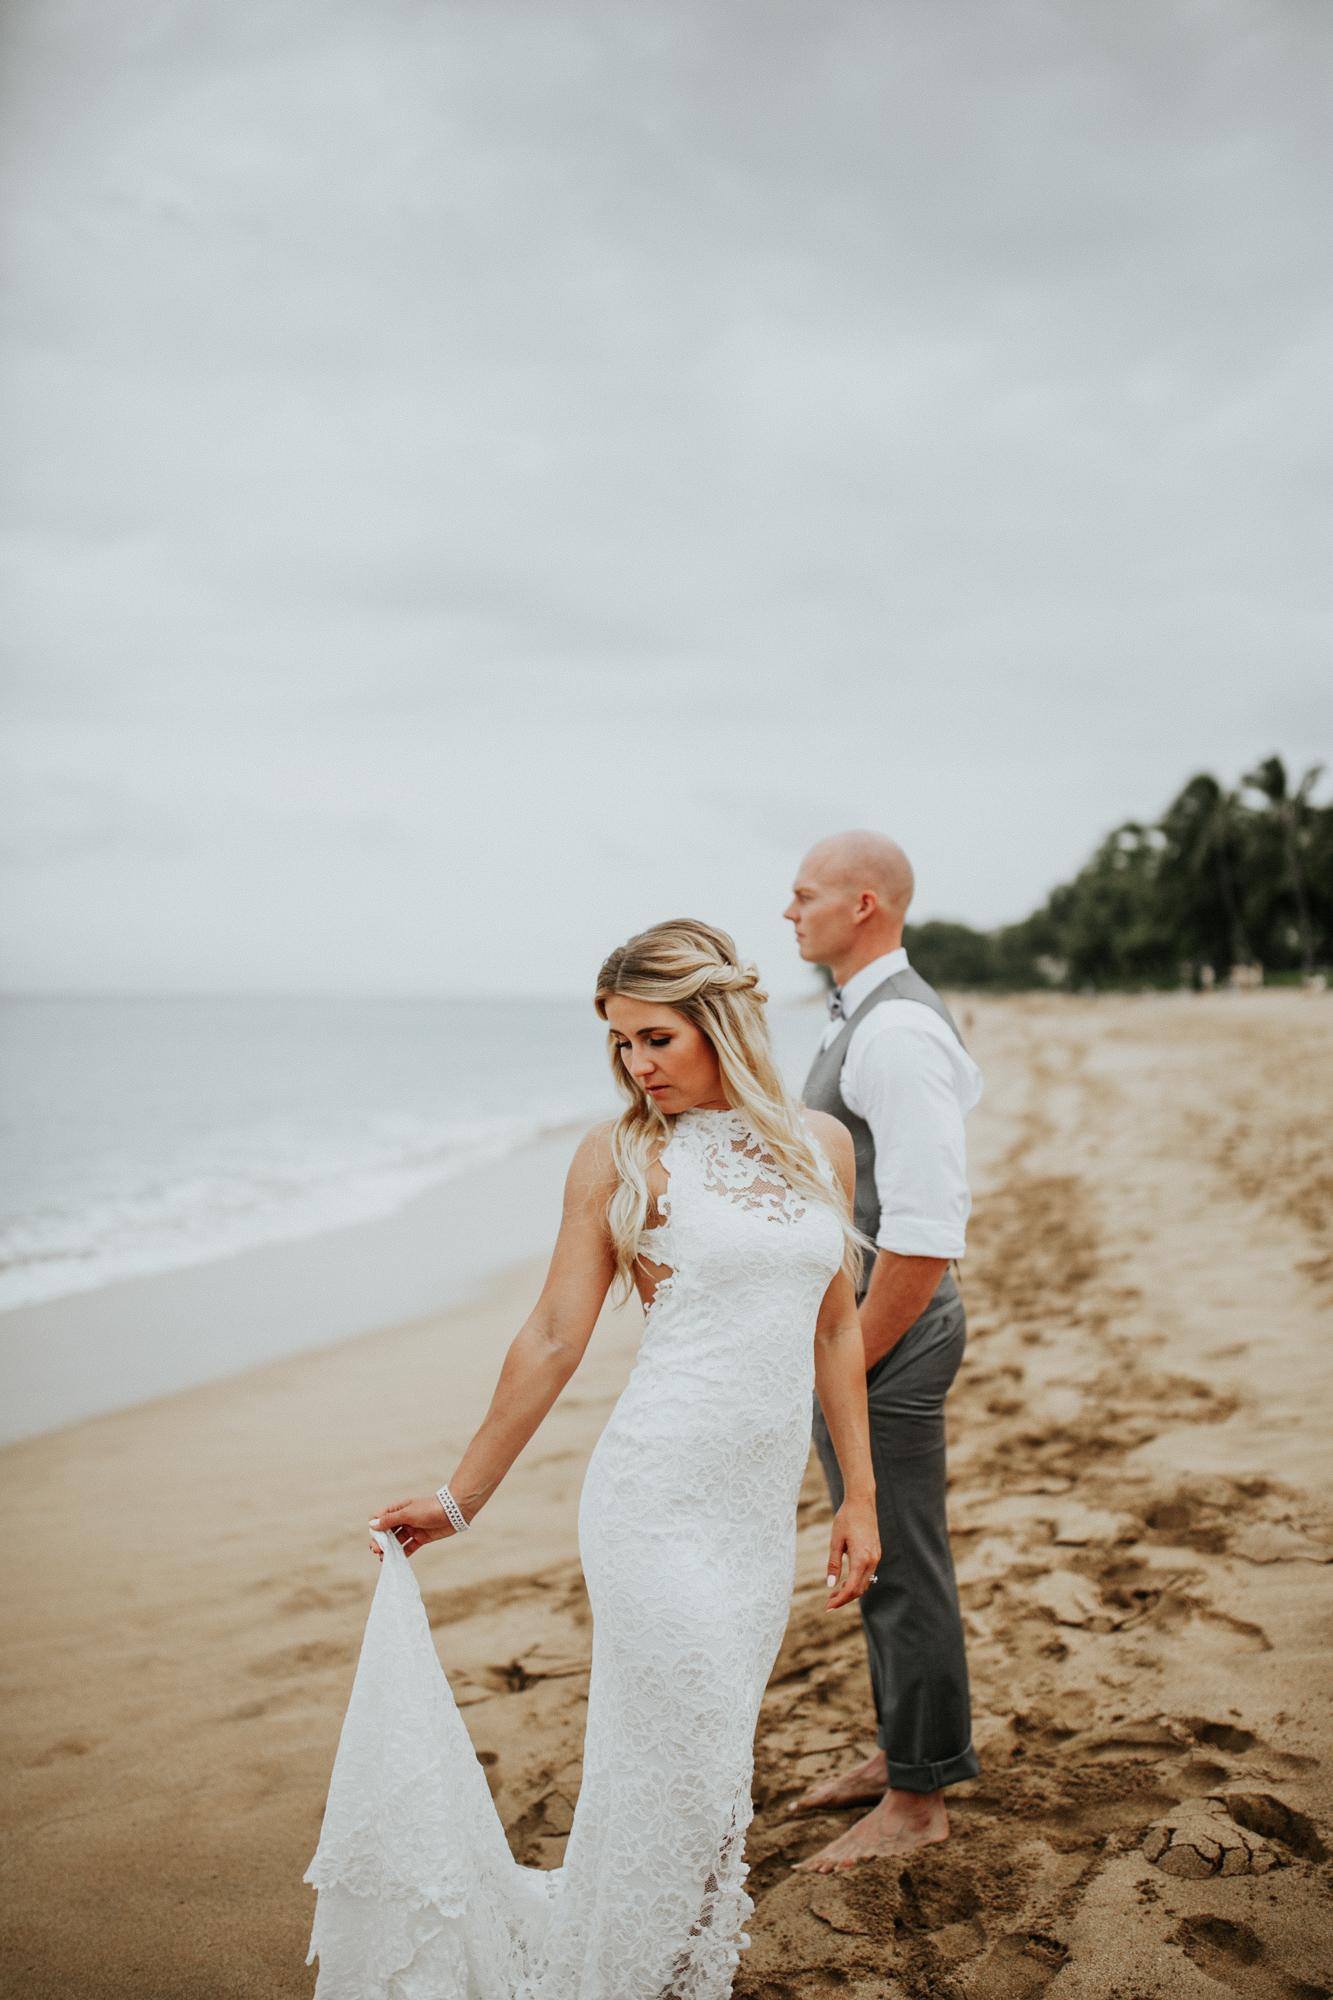 destination-wedding-photographer-hawaii-maui-elopement-49.jpg